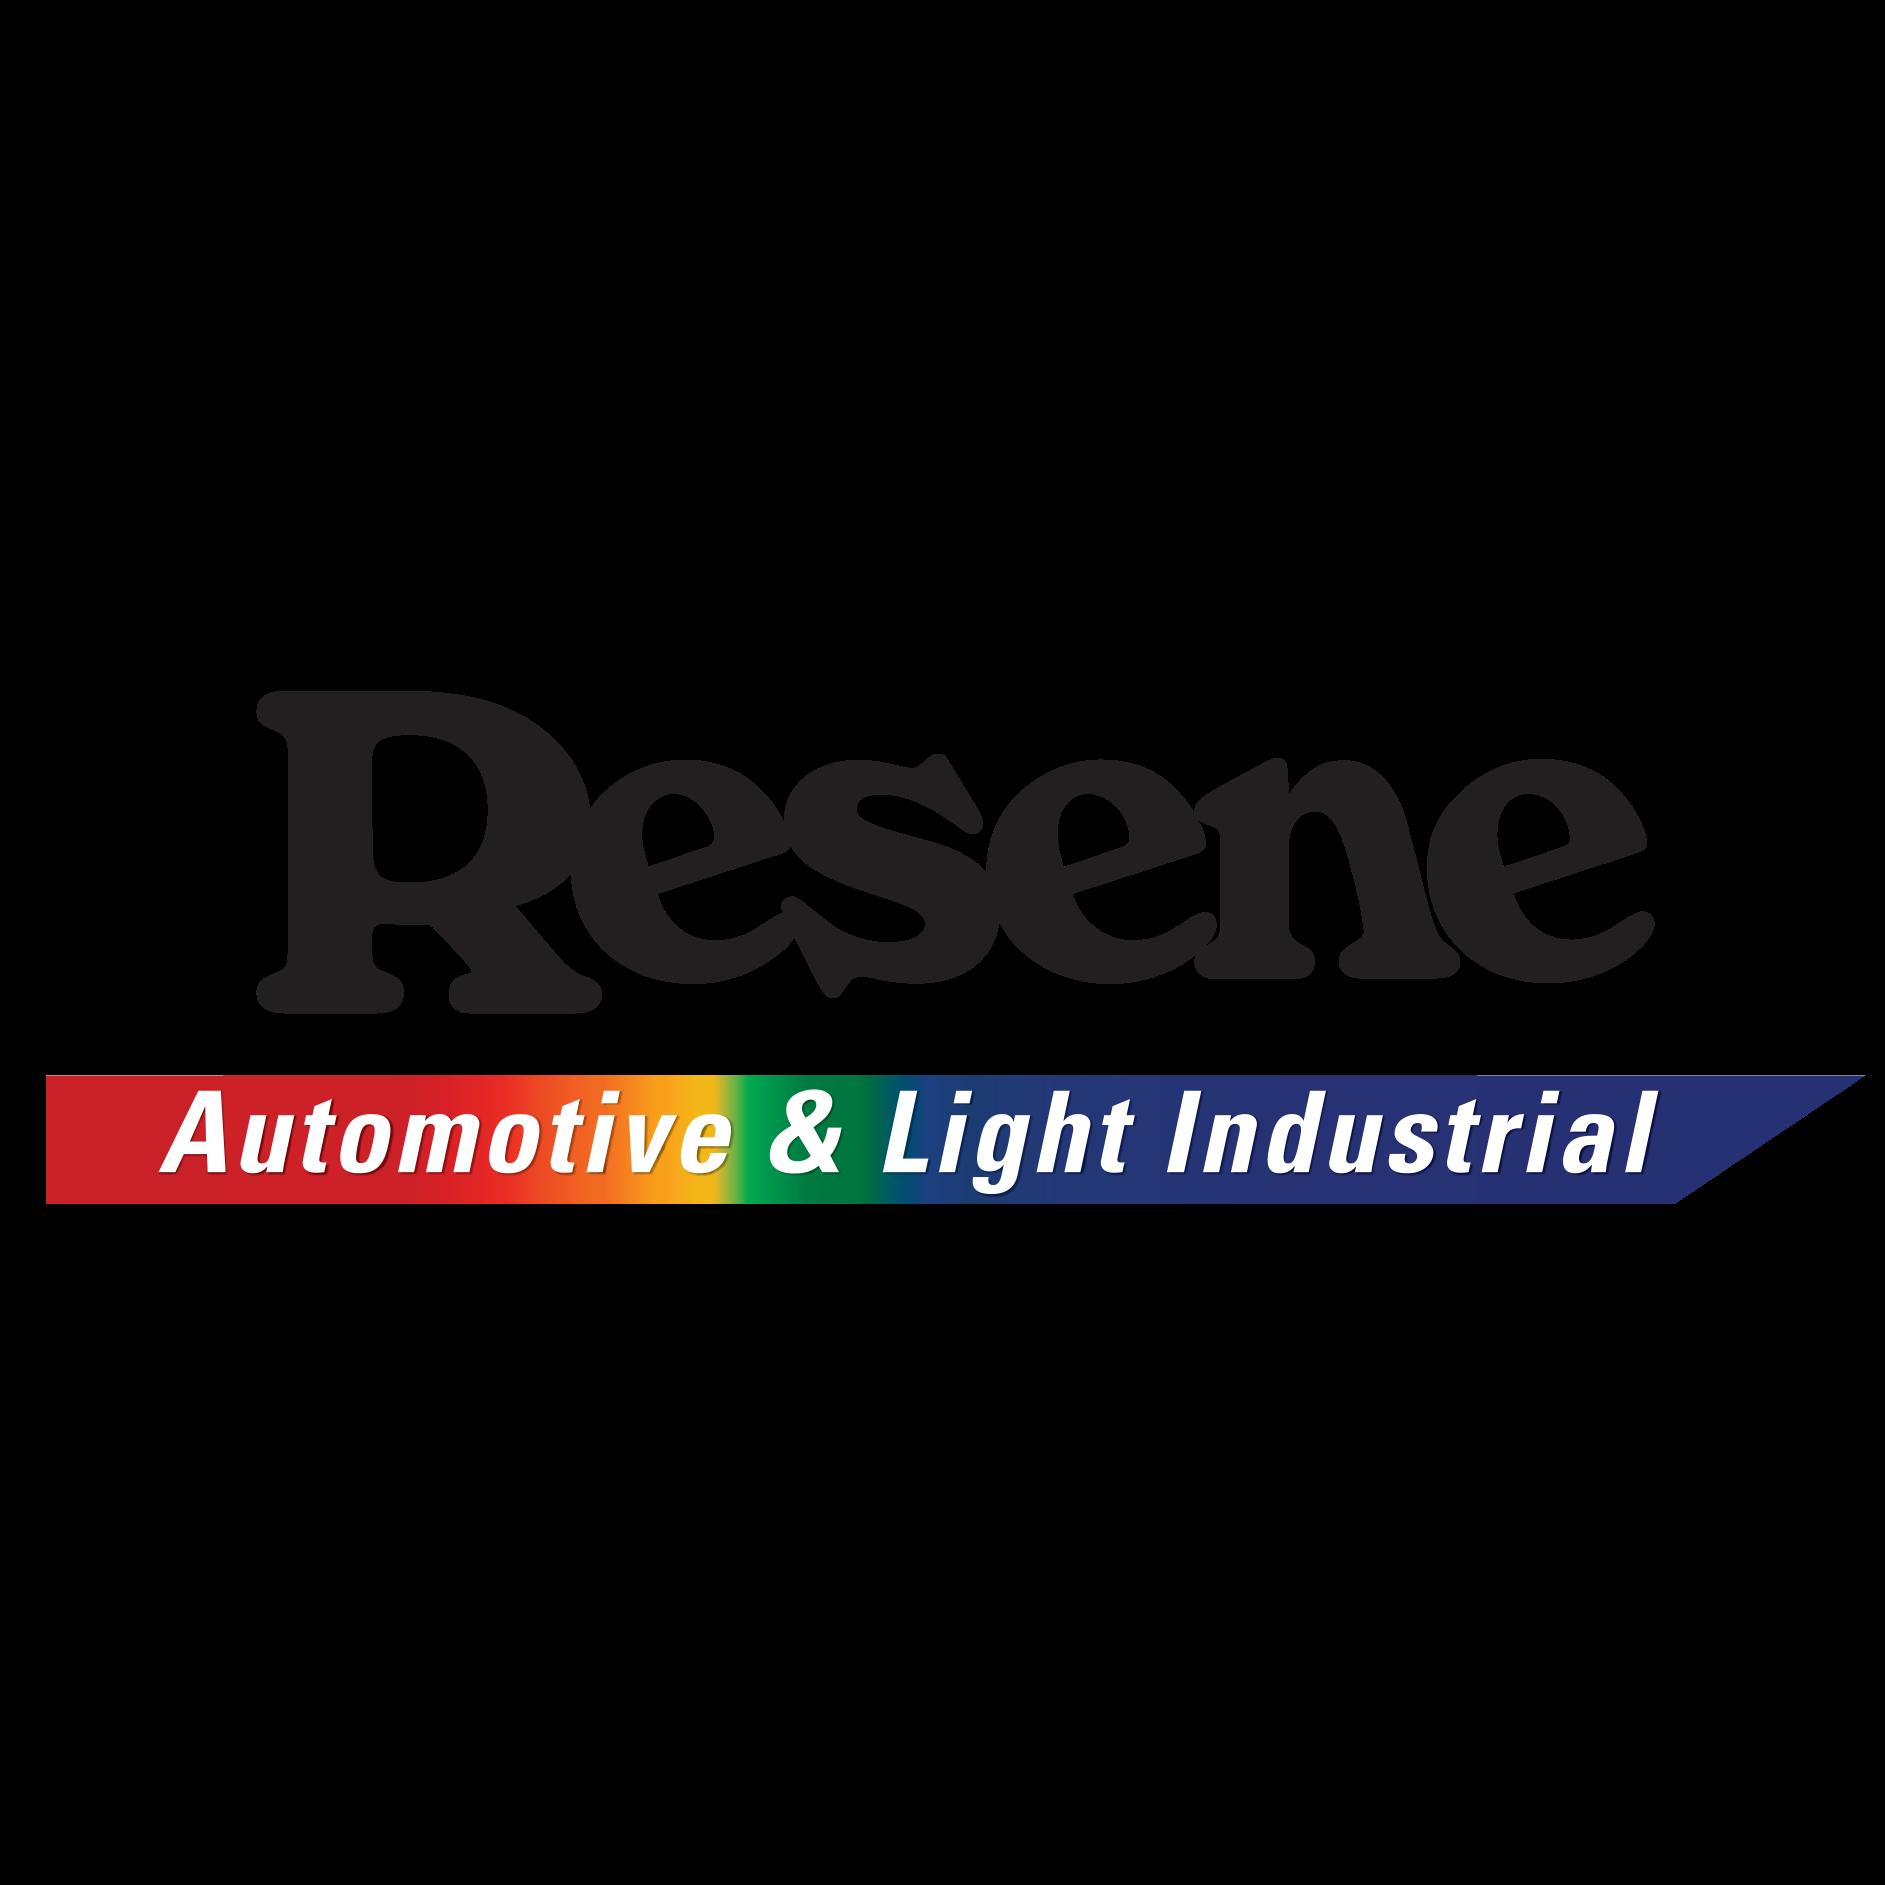 Resene Automotive & Light Industrial